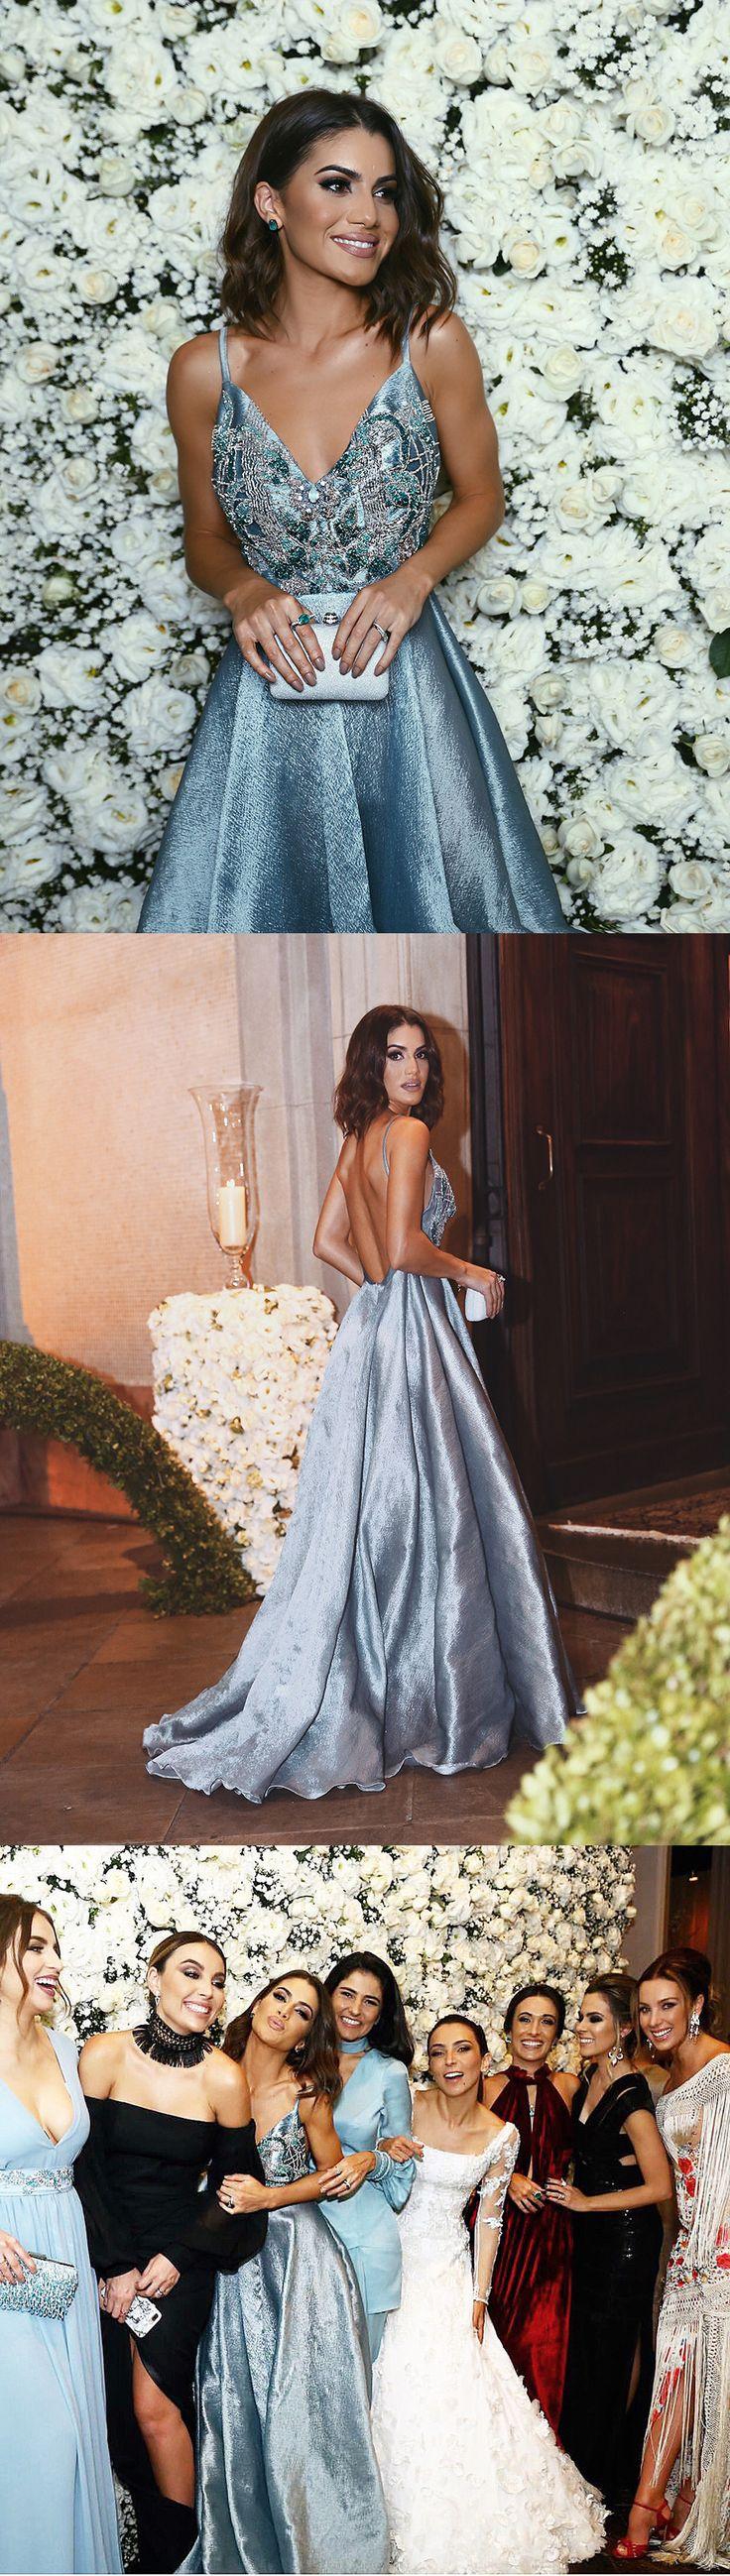 long prom dress, 2017 prom dress, blue long prom dress, backless long prom dress, formal evening dress, party dress